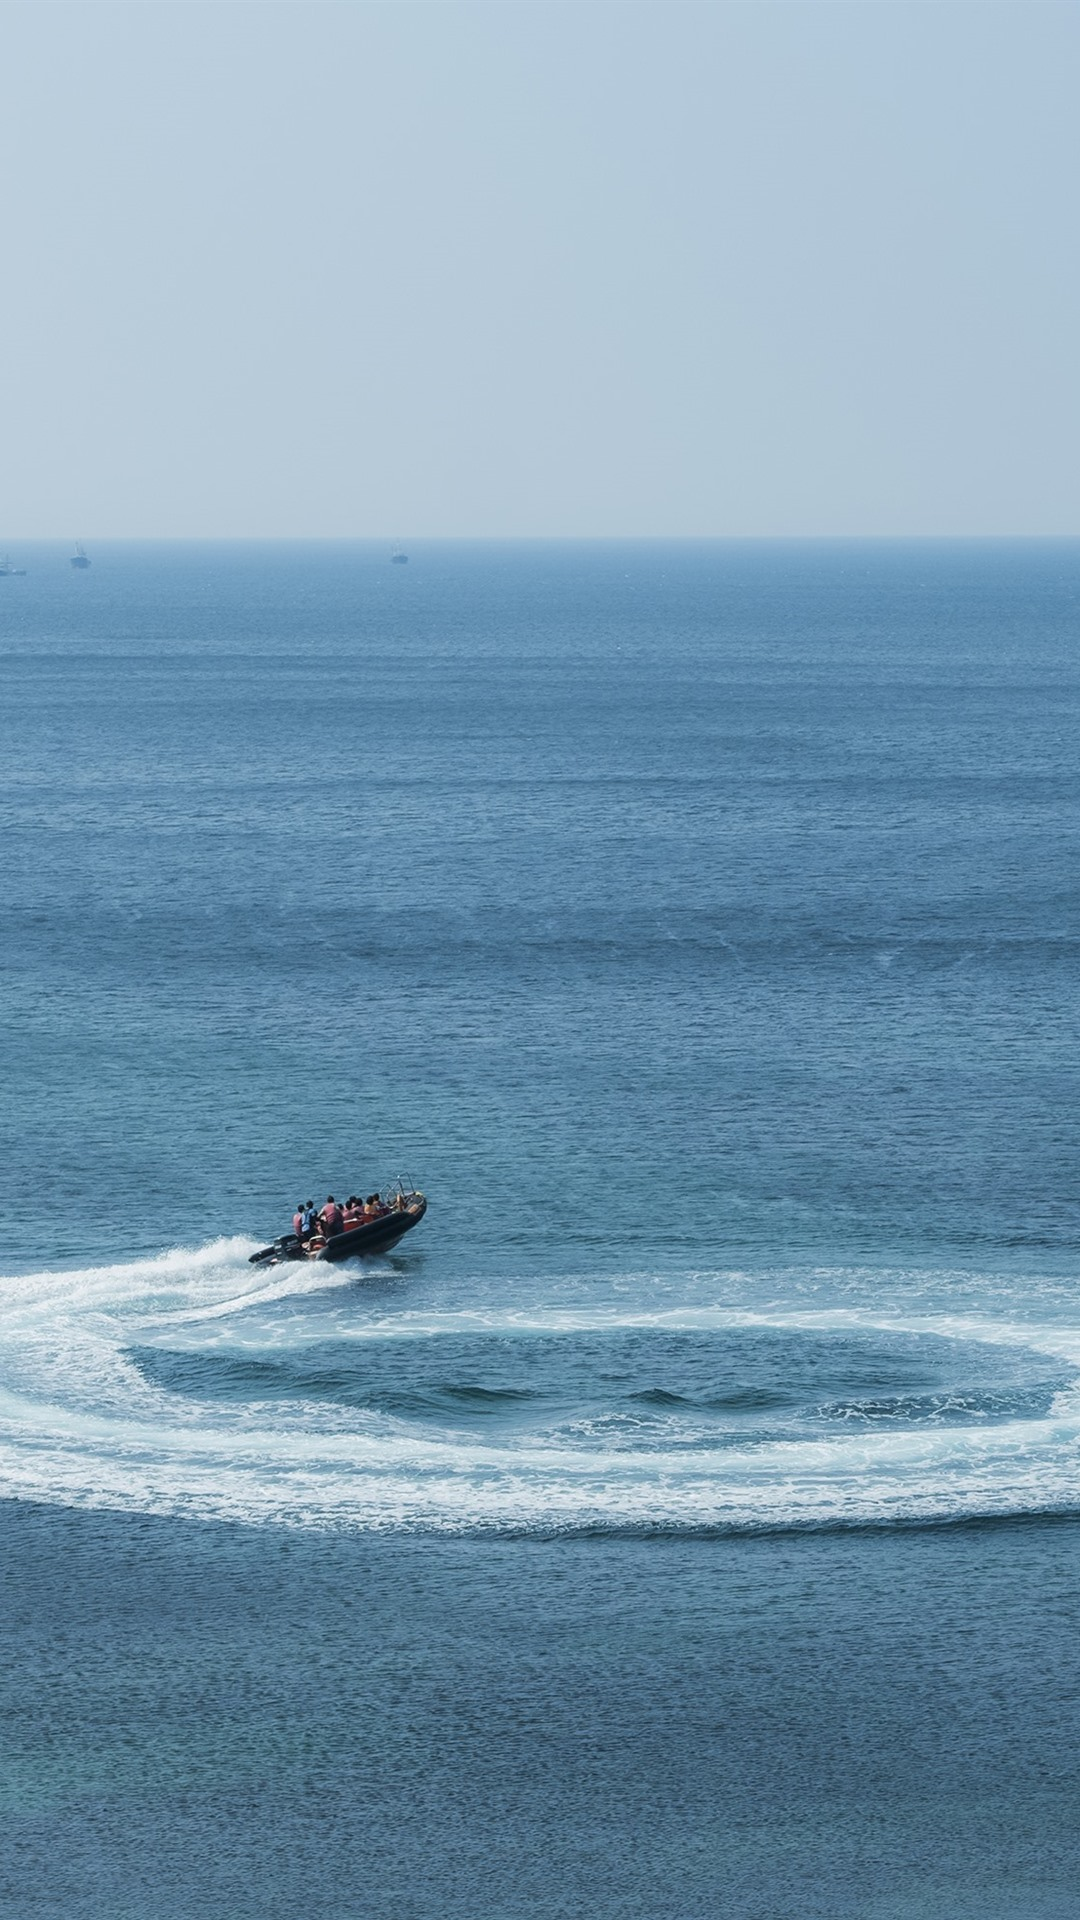 Fonds D Ecran Ile De Jeju Belle Mer Bateau 1080x1920 Iphone 8 7 6 6s Plus Image